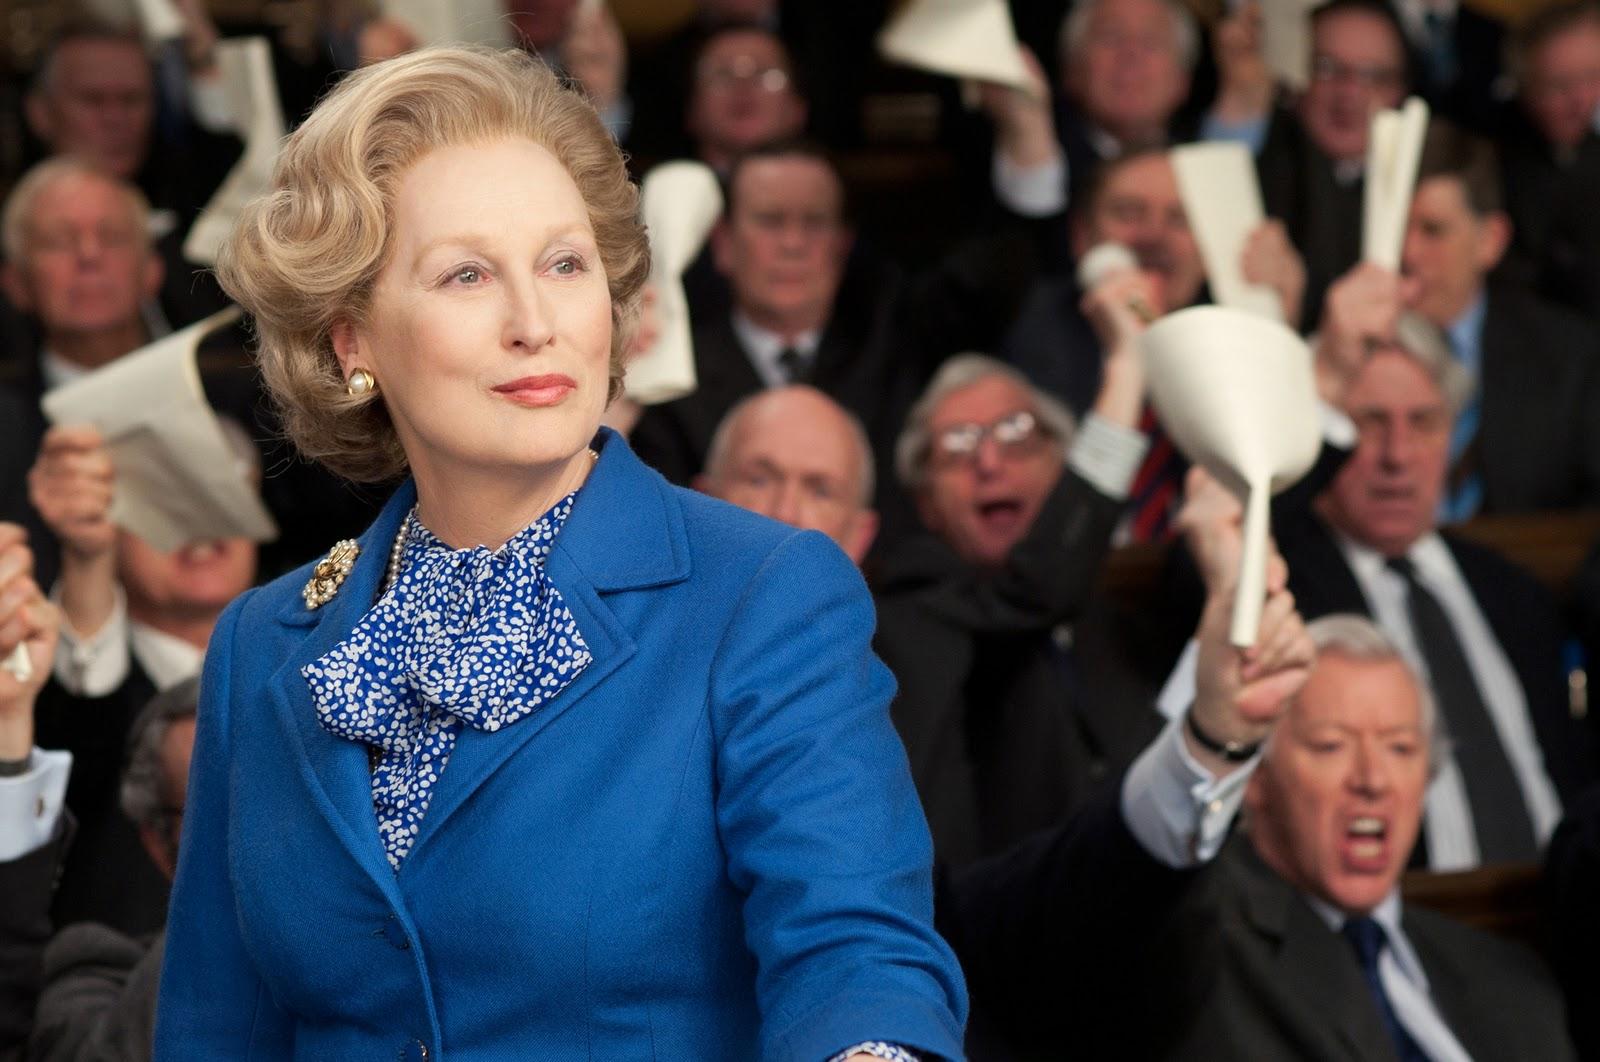 http://3.bp.blogspot.com/-x9jqdtWLa2U/TybhNw_2UGI/AAAAAAAADQ4/6kW7q3GI6EU/s1600/Melhor+Atriz+-+Meryl+Streep+-+The+Iron+Lady.jpg